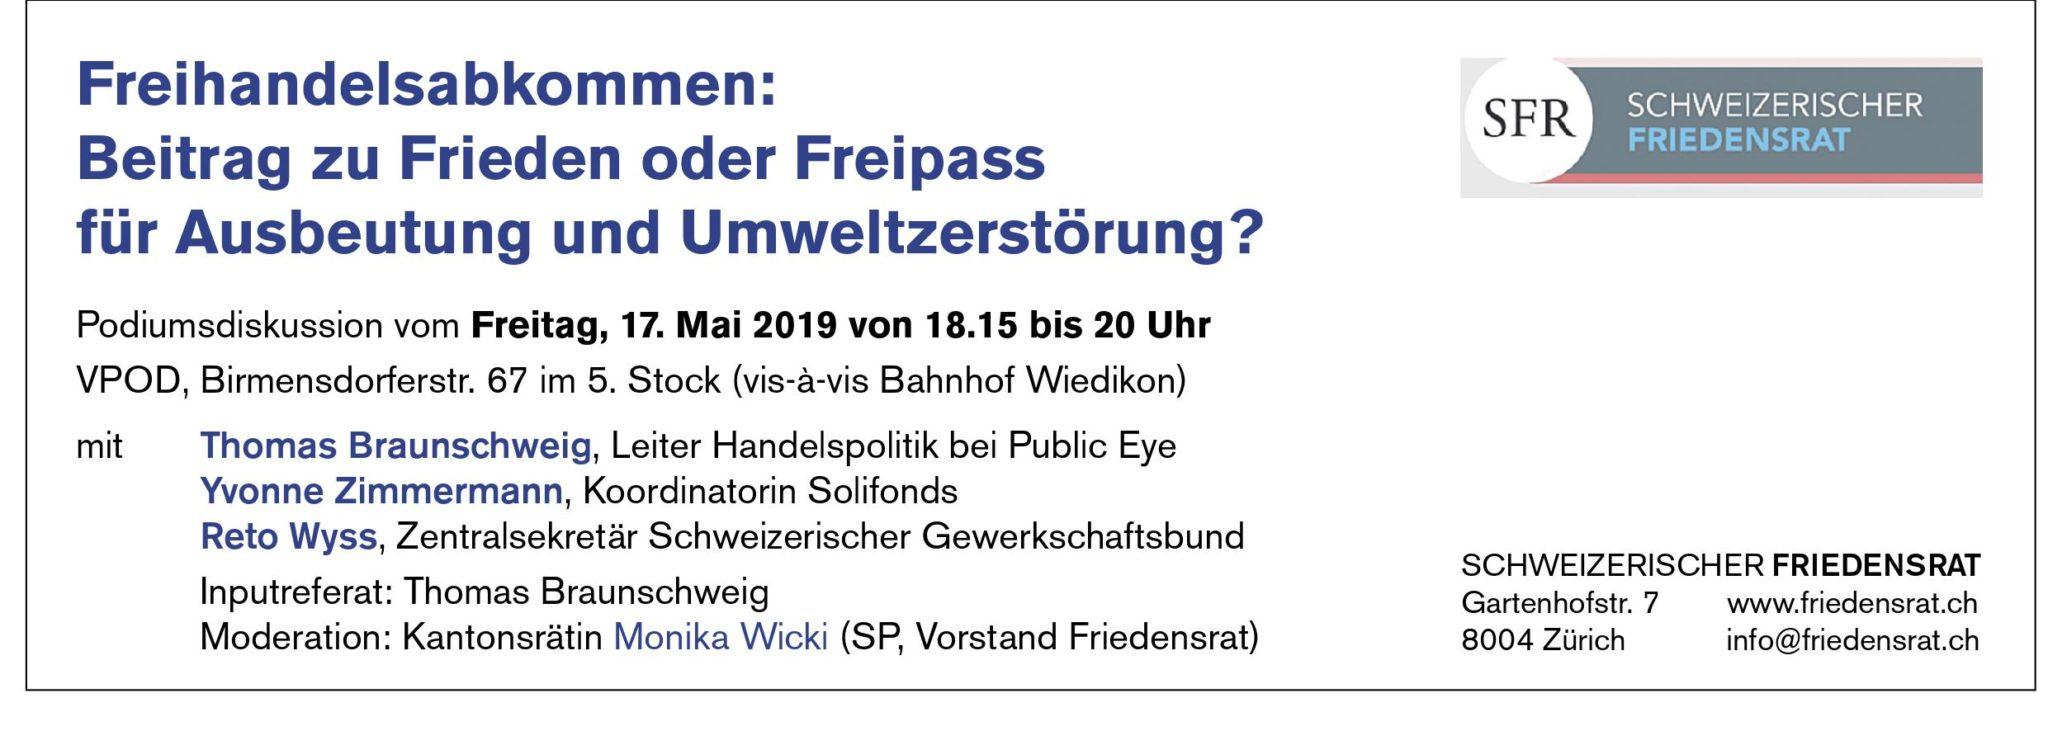 Jahresversammlung des Schweizerischen Friedensrates am Freitag, 17. Mai 2019 in Zürich